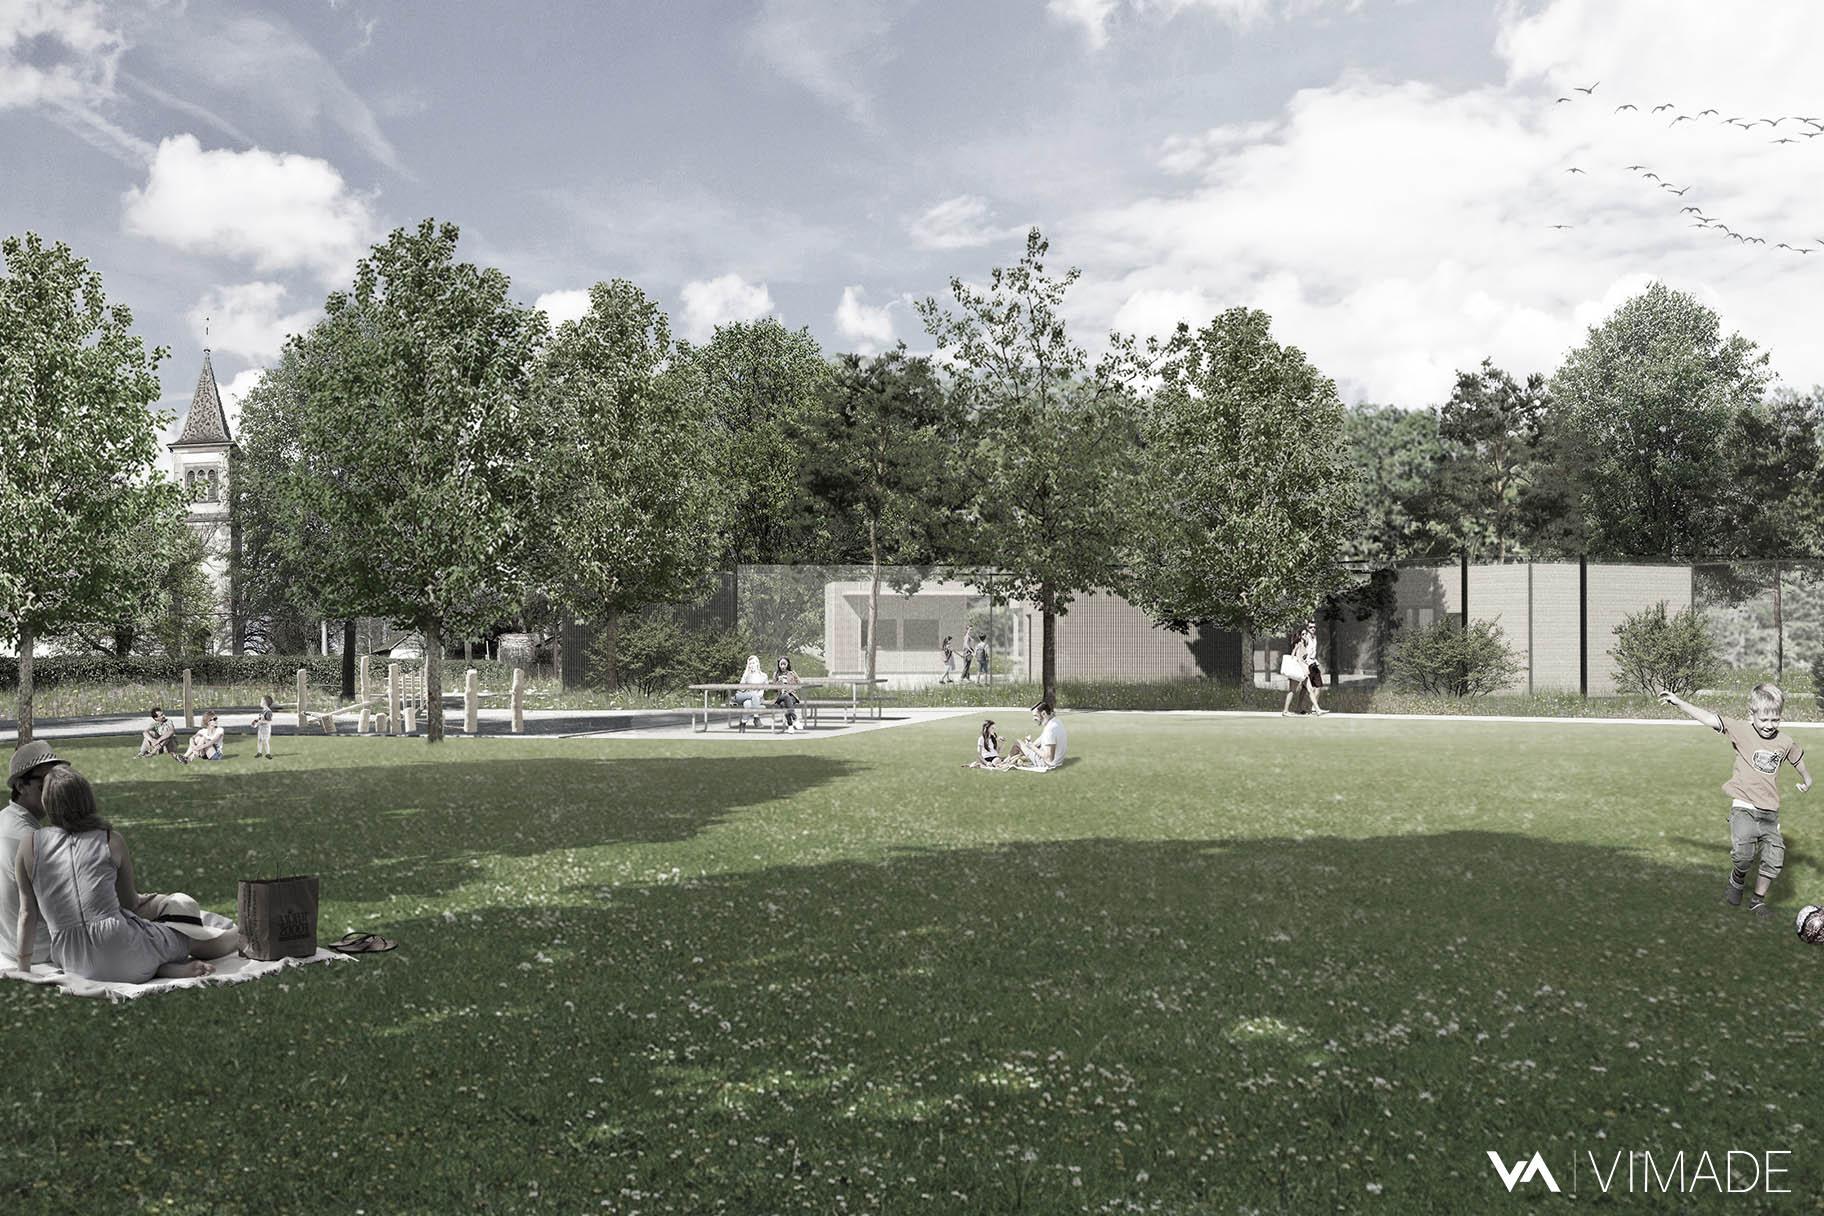 perspective-parc-esplanade-chemin-sales-prospecierara-vernier-edicules-meleze-claire-voie-grande-pelouse-jeux-bois-architecture-paysage-vimade-geneve